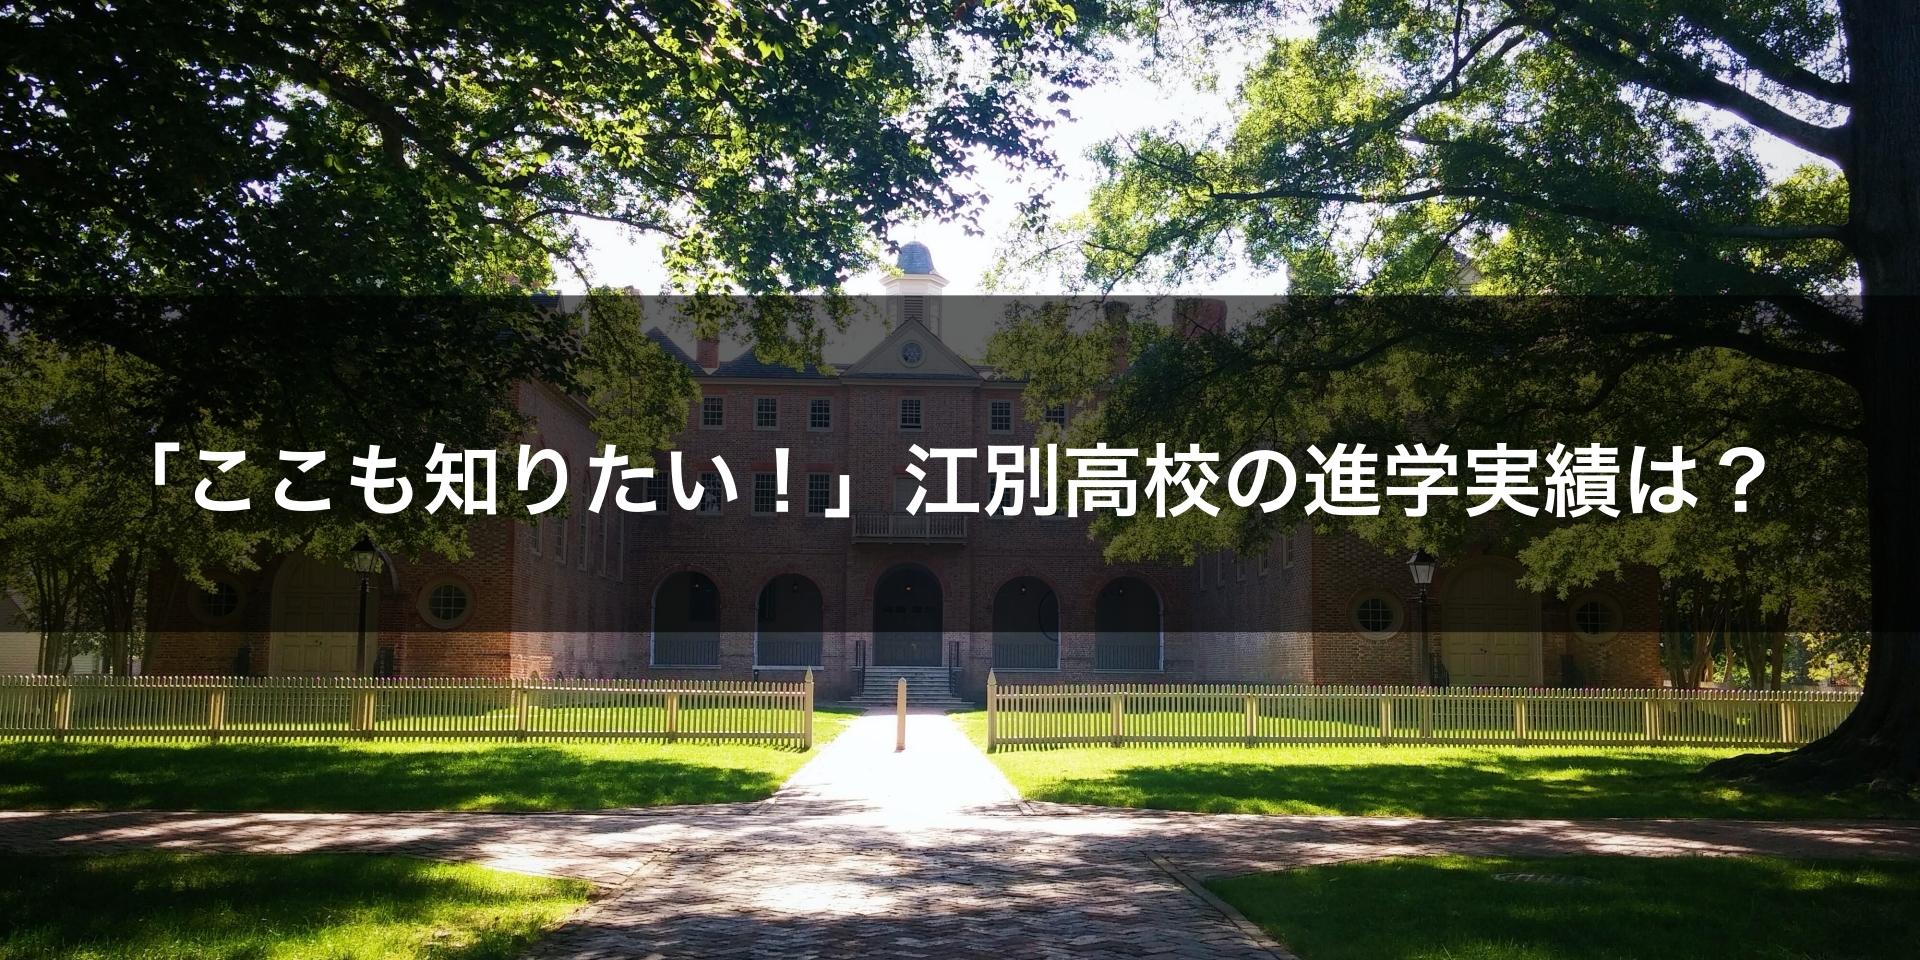 「ここも知りたい!」江別高校の進学実績は?